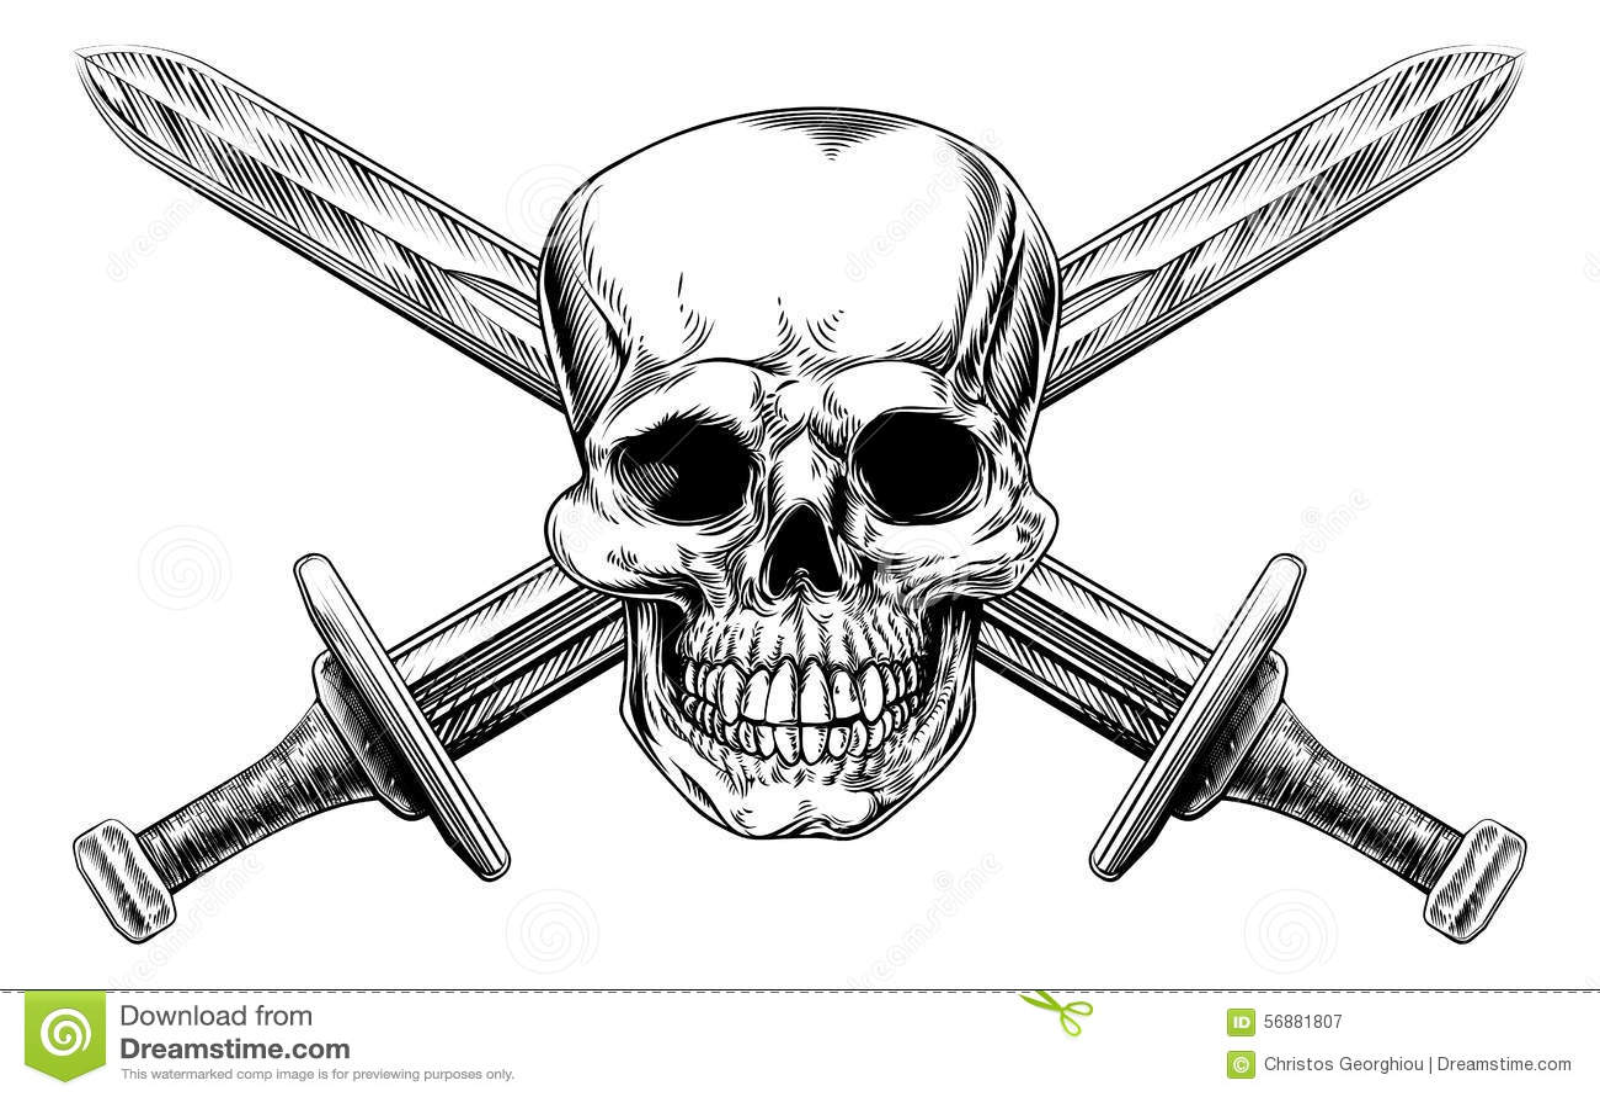 Espadas transversais do crânio